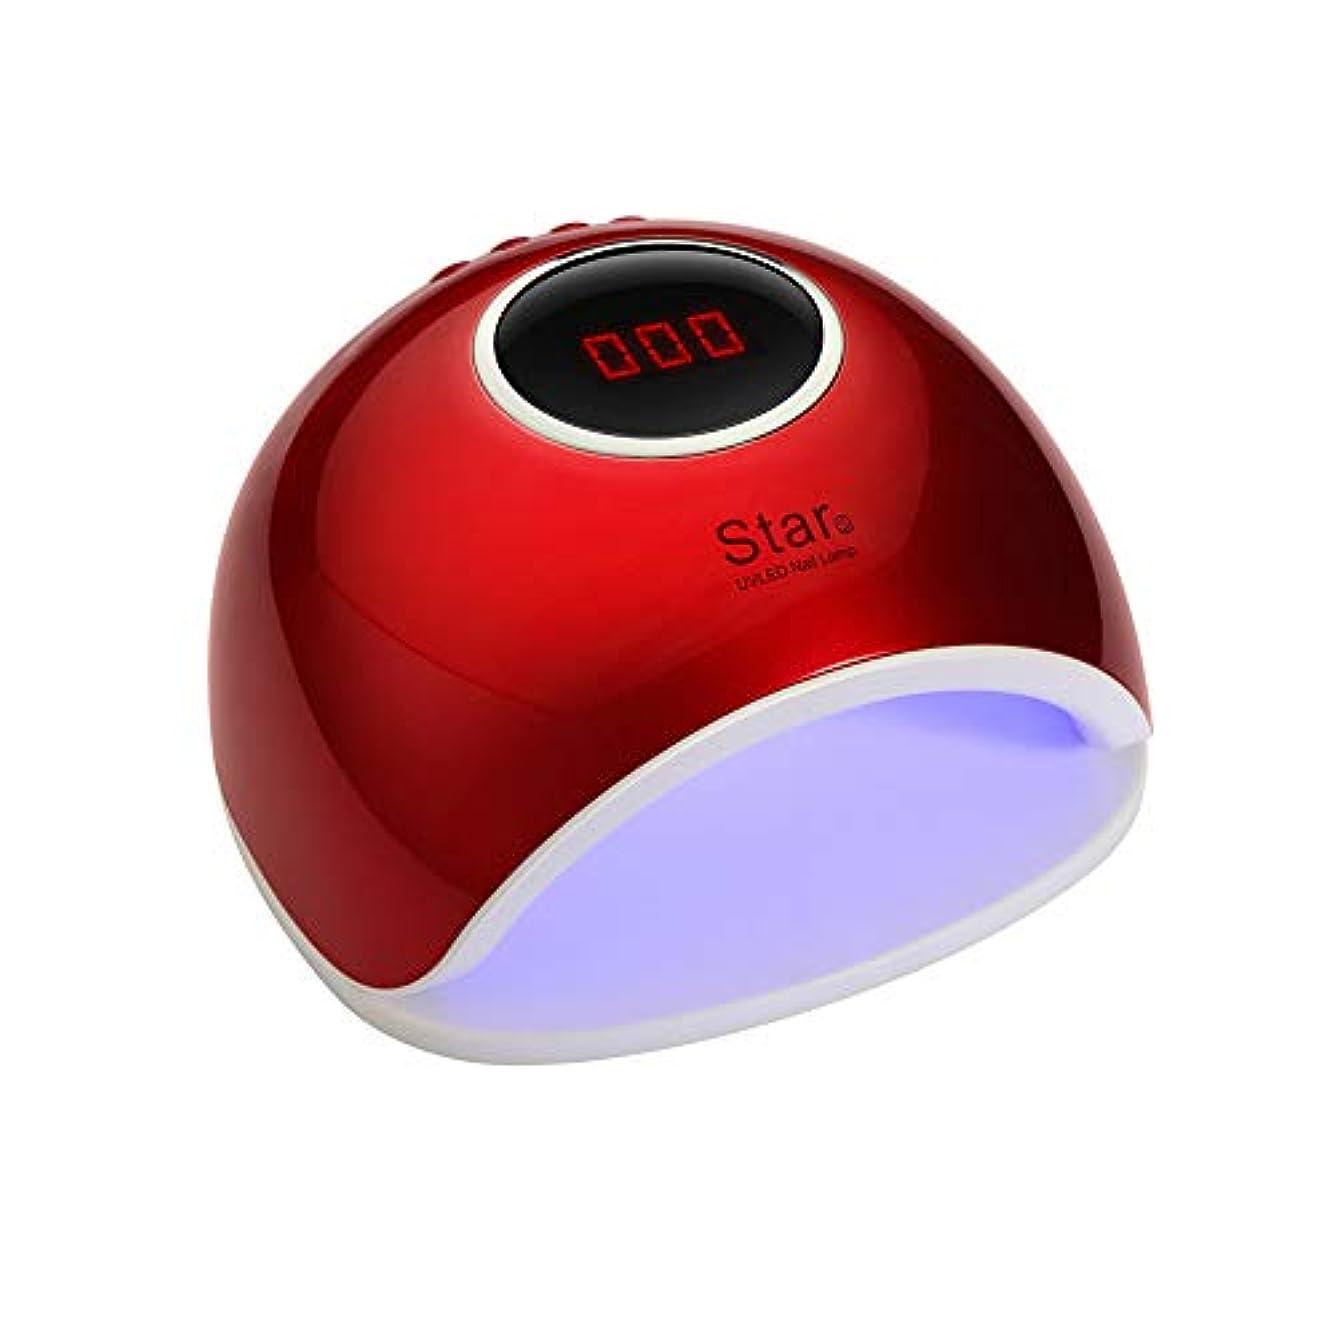 スペルスキャンダル強風家の修理初心者ネイルスマート光療法機72ワットスマート誘導無痛マニキュアドライヤーネイルポリッシュグルーライト速乾性ネイルランプ